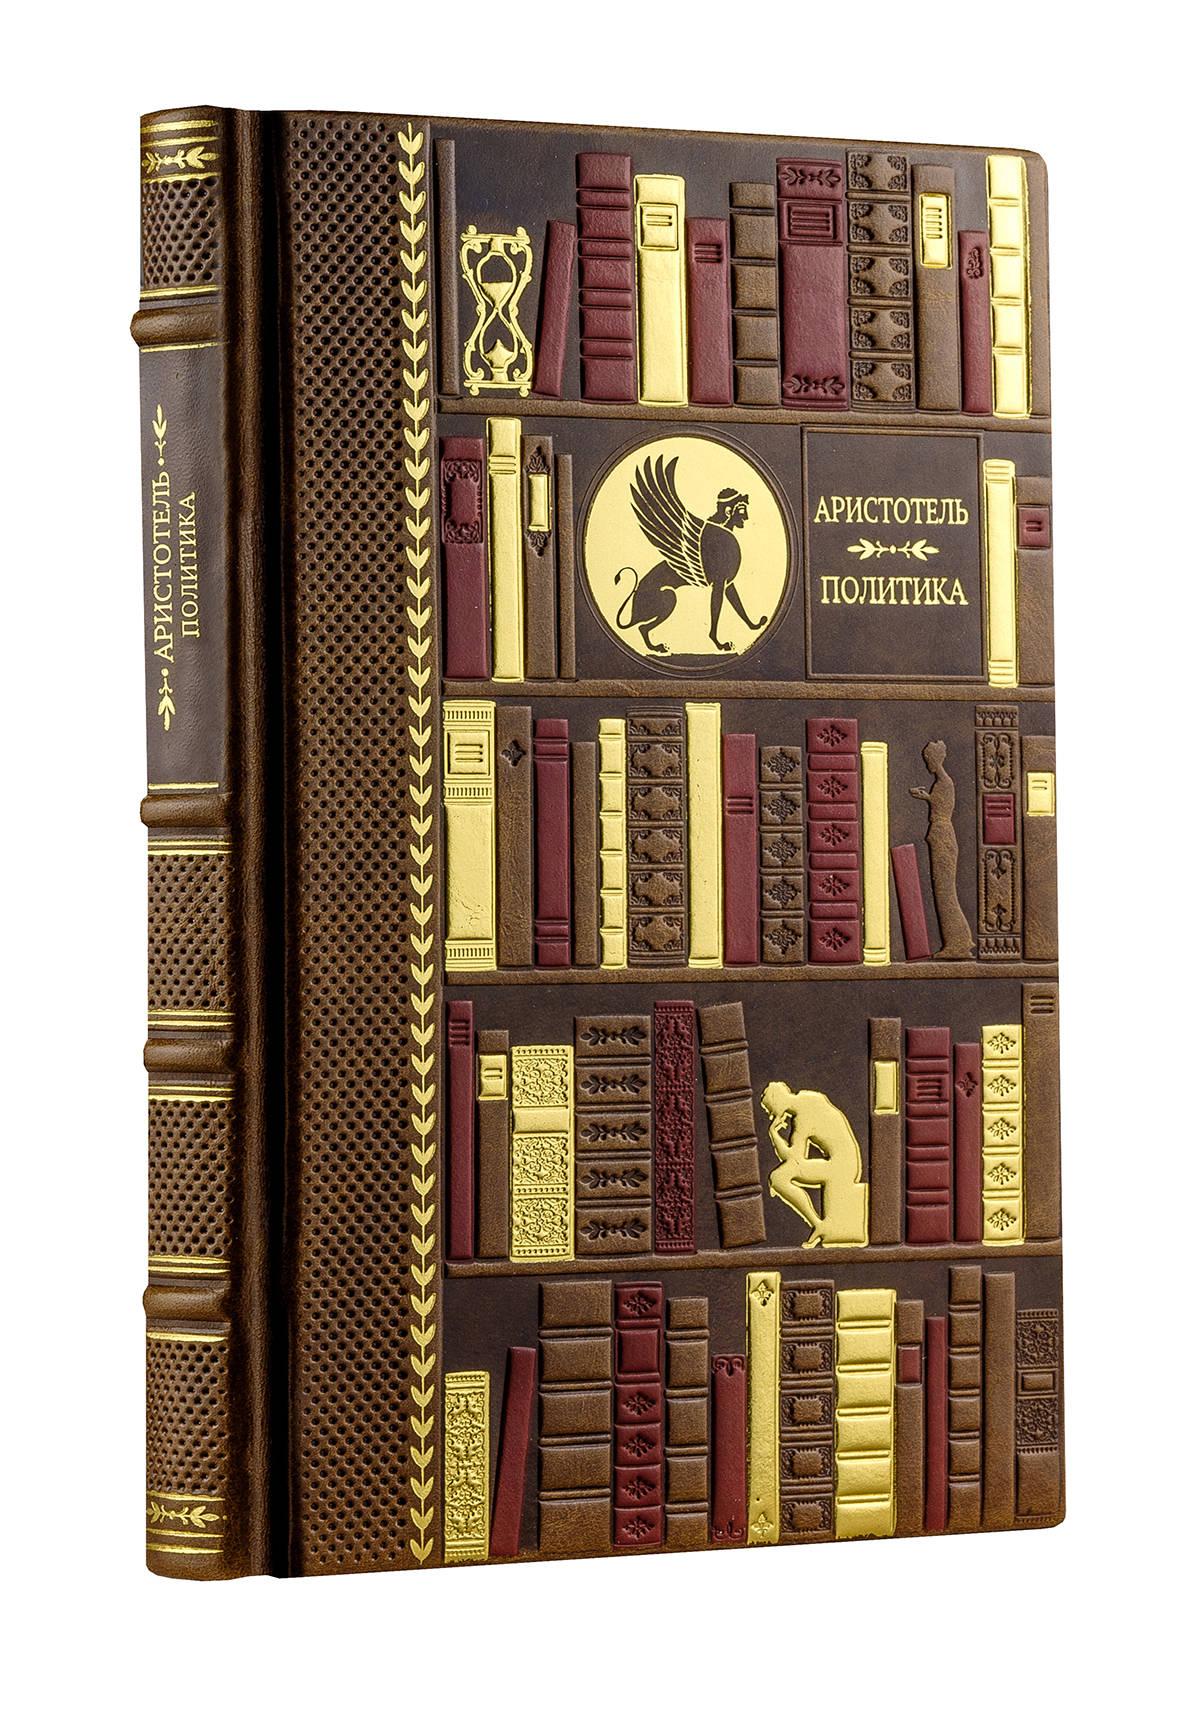 Политика. Коллекционное издание кожаном переплете ручной работы с многоцветным и золотым тиснением ( Аристотель  )